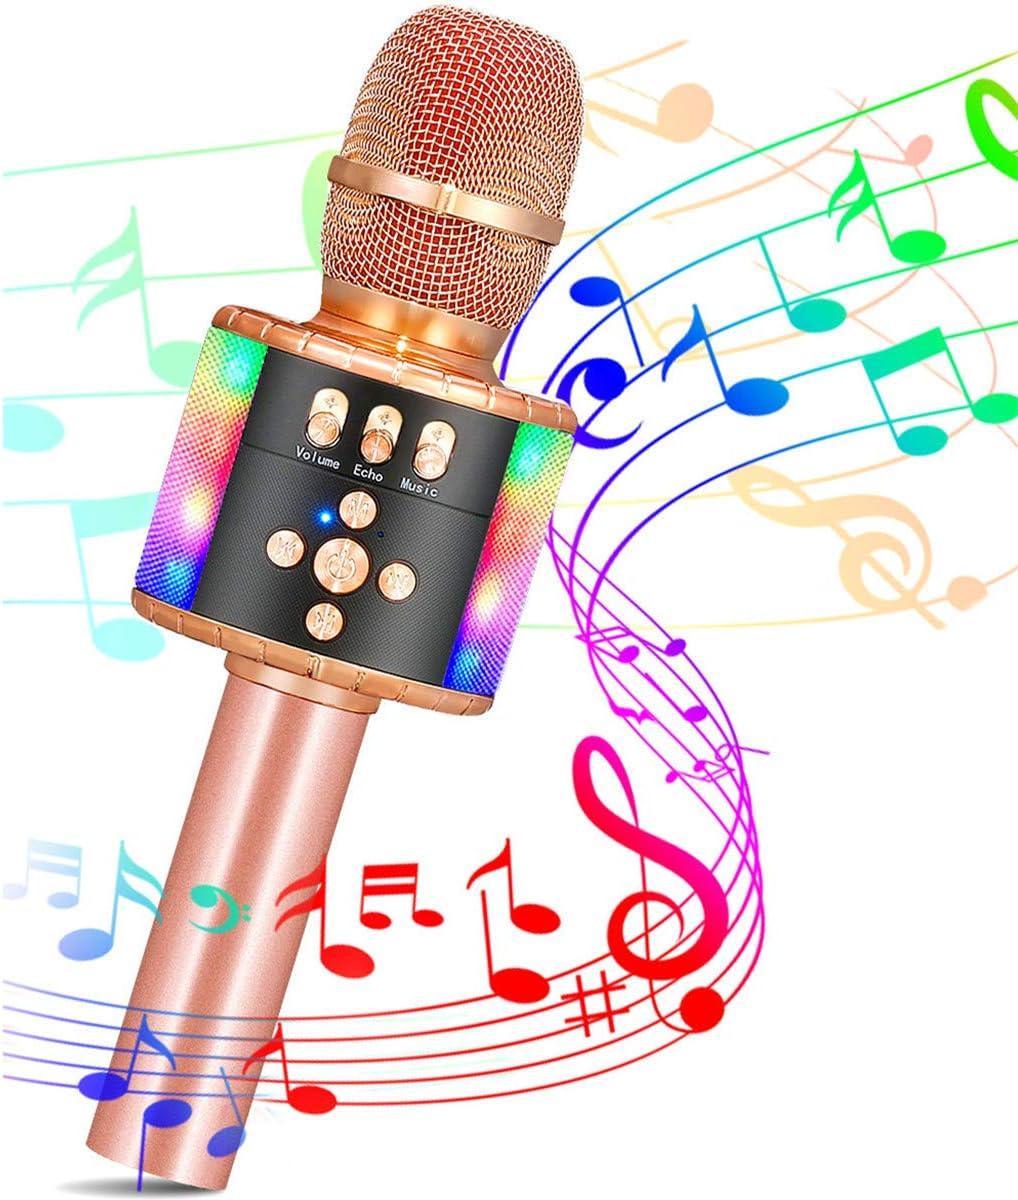 SGODDE Microfono Karaoke, Micrófono Karaoke Bluetooth Portátil, Microfono Inalámbrico Karaoke KTV con Luces LED de Baile, para Adultos y Niños, para Regalo/KTV/Fiesta, para Android/iOS/PC (Oro Rosa)